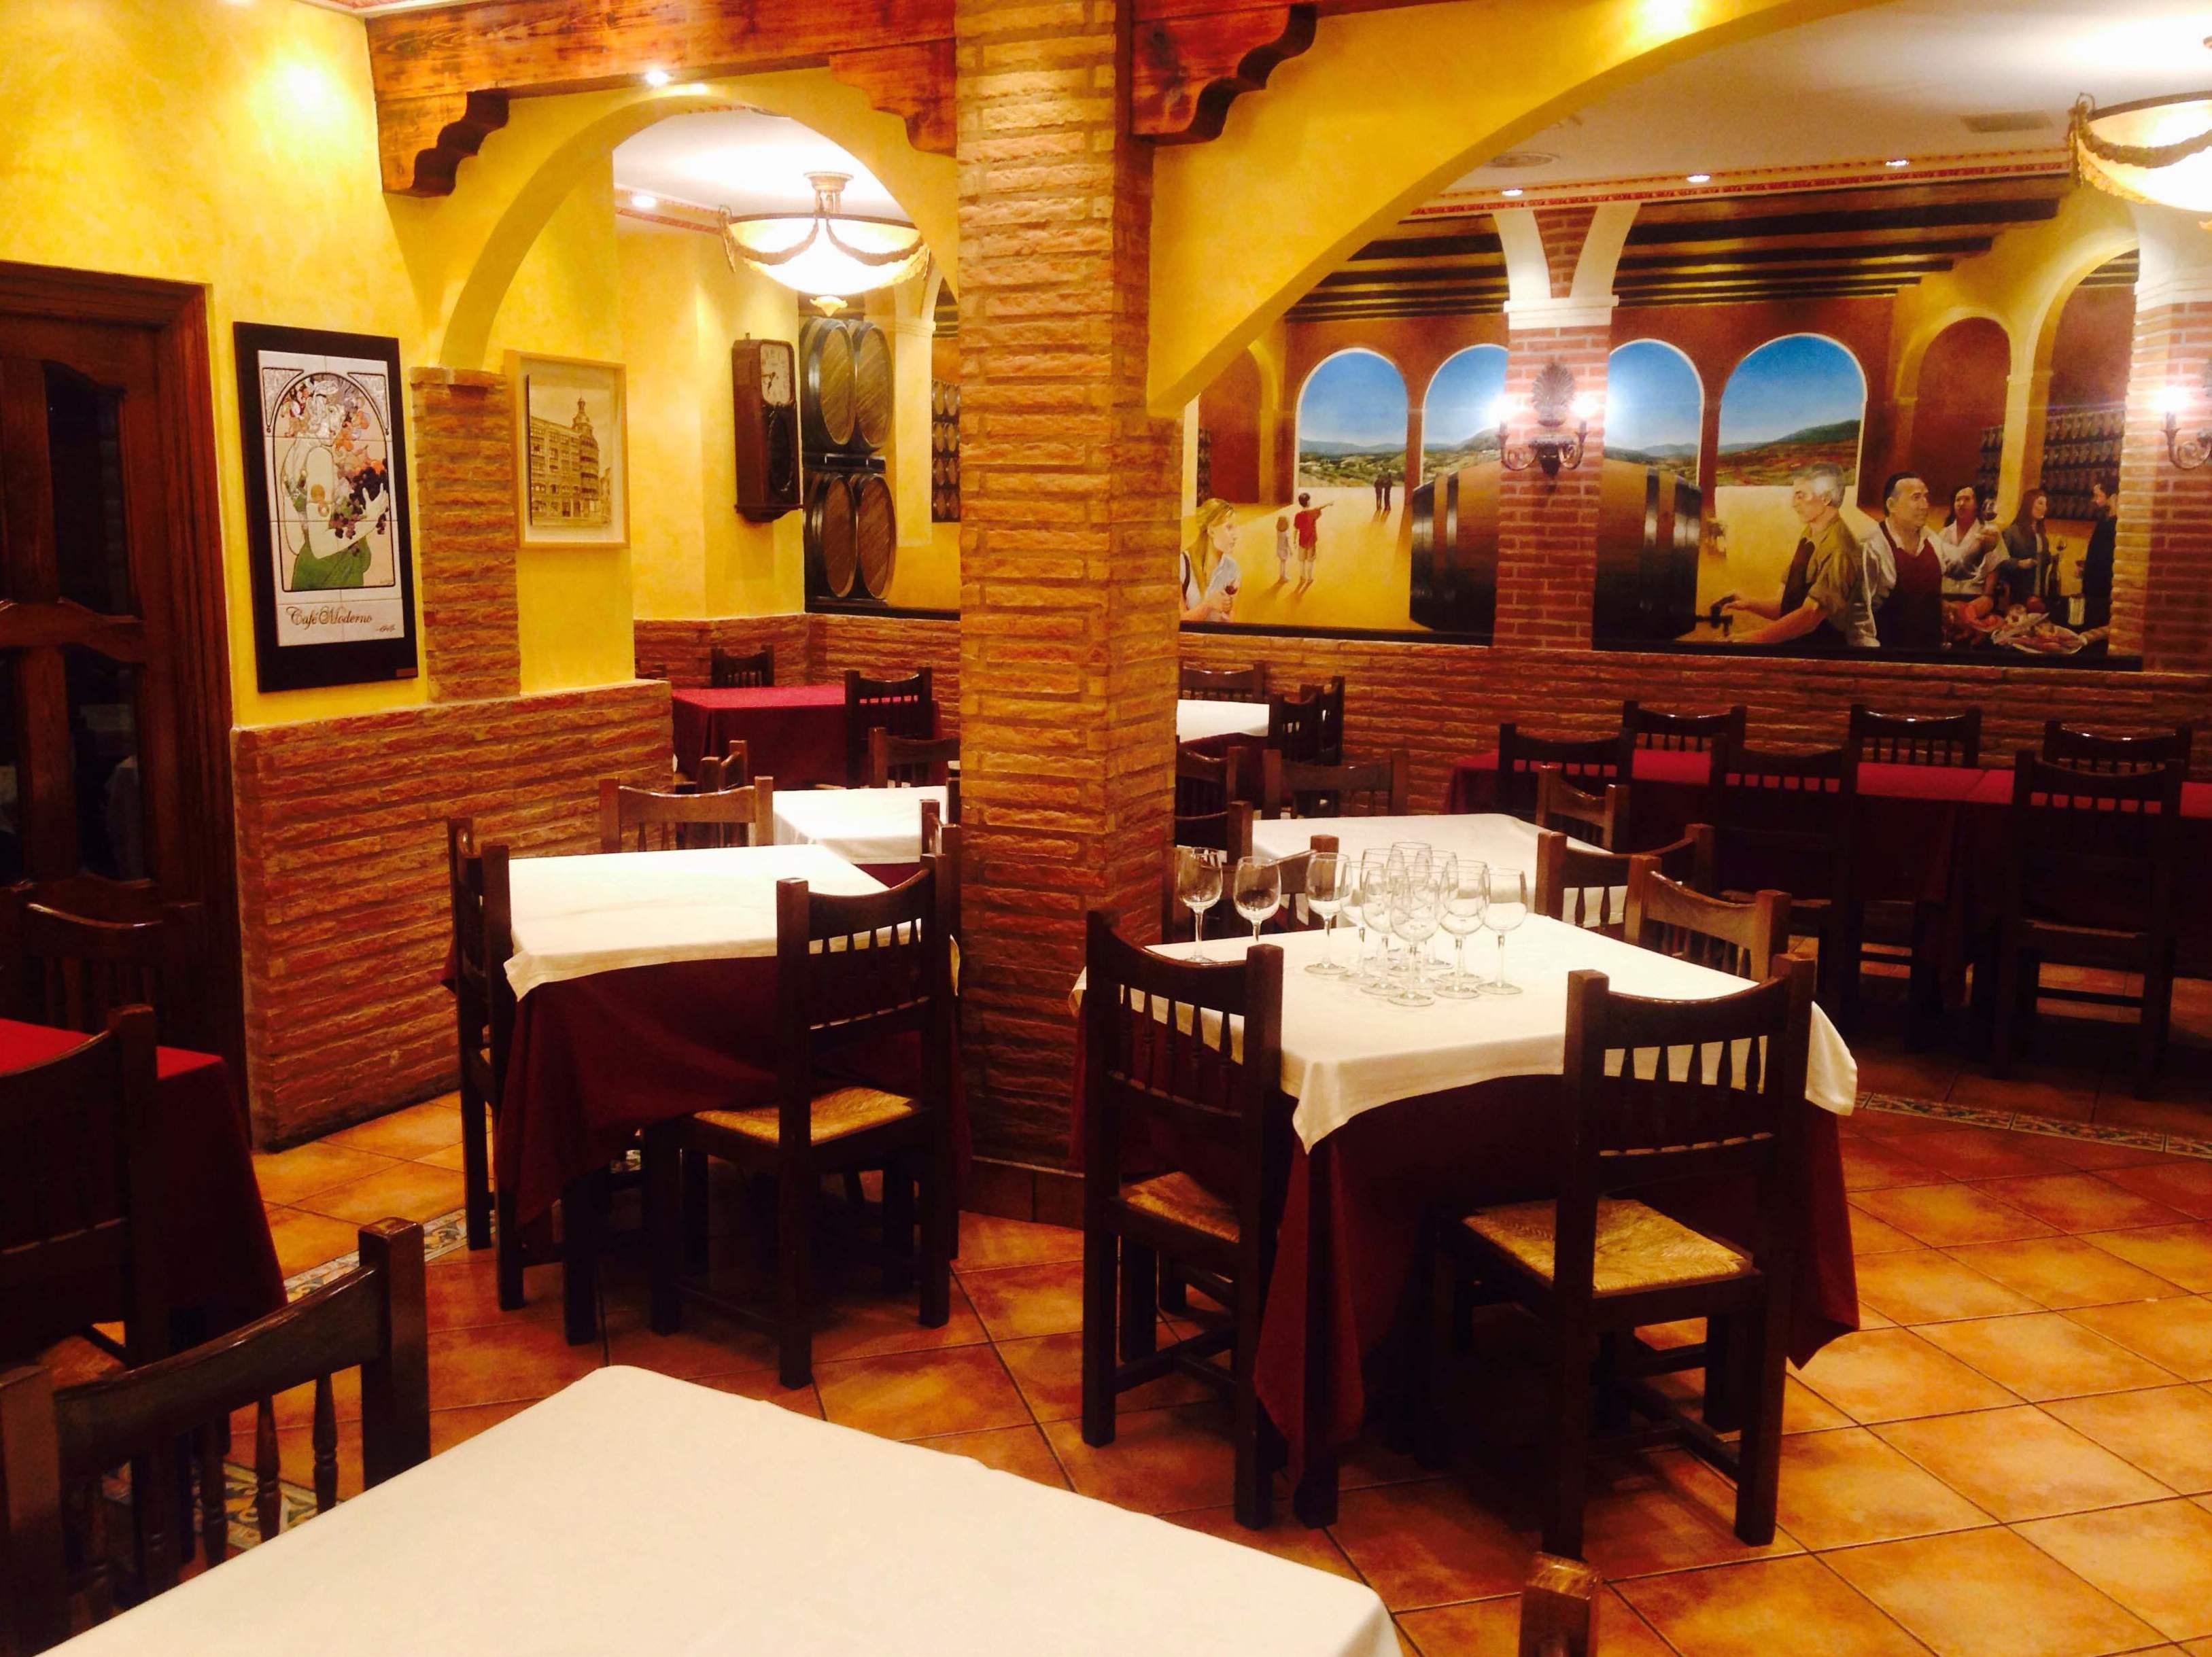 Foto 2 De Cocina Riojana En Logro O Restaurante Caf Moderno